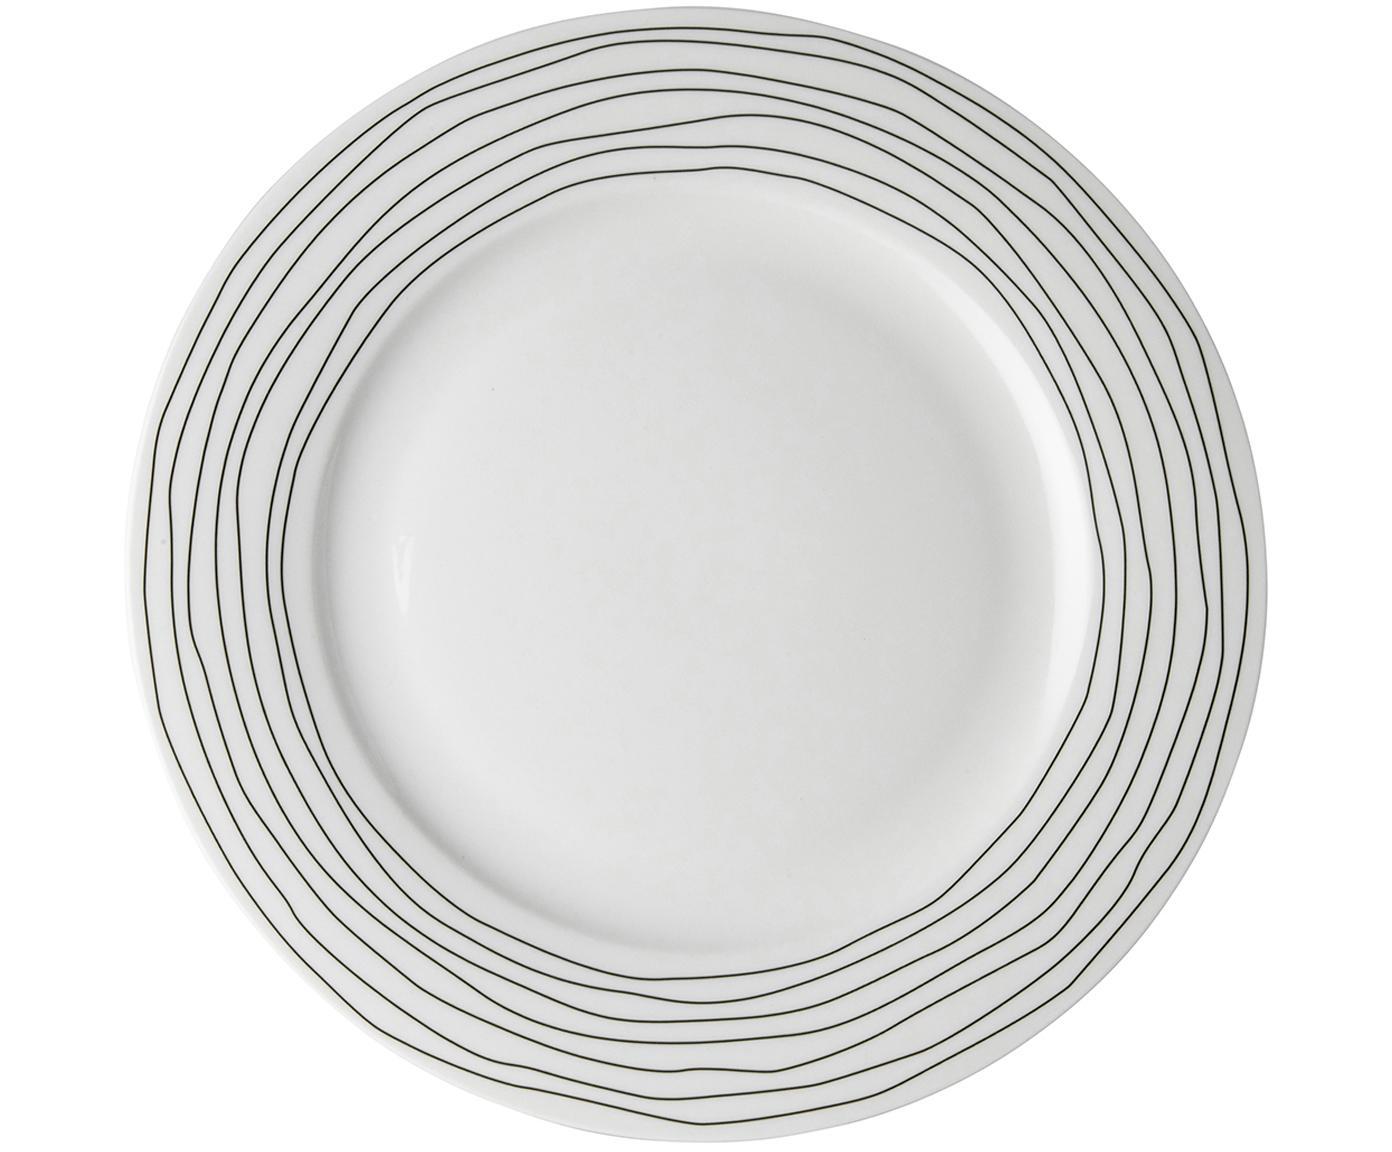 Dinerborden Eris Loft, 4 stuks, Porselein, Wit, zwart, Ø 26 x H 2 cm